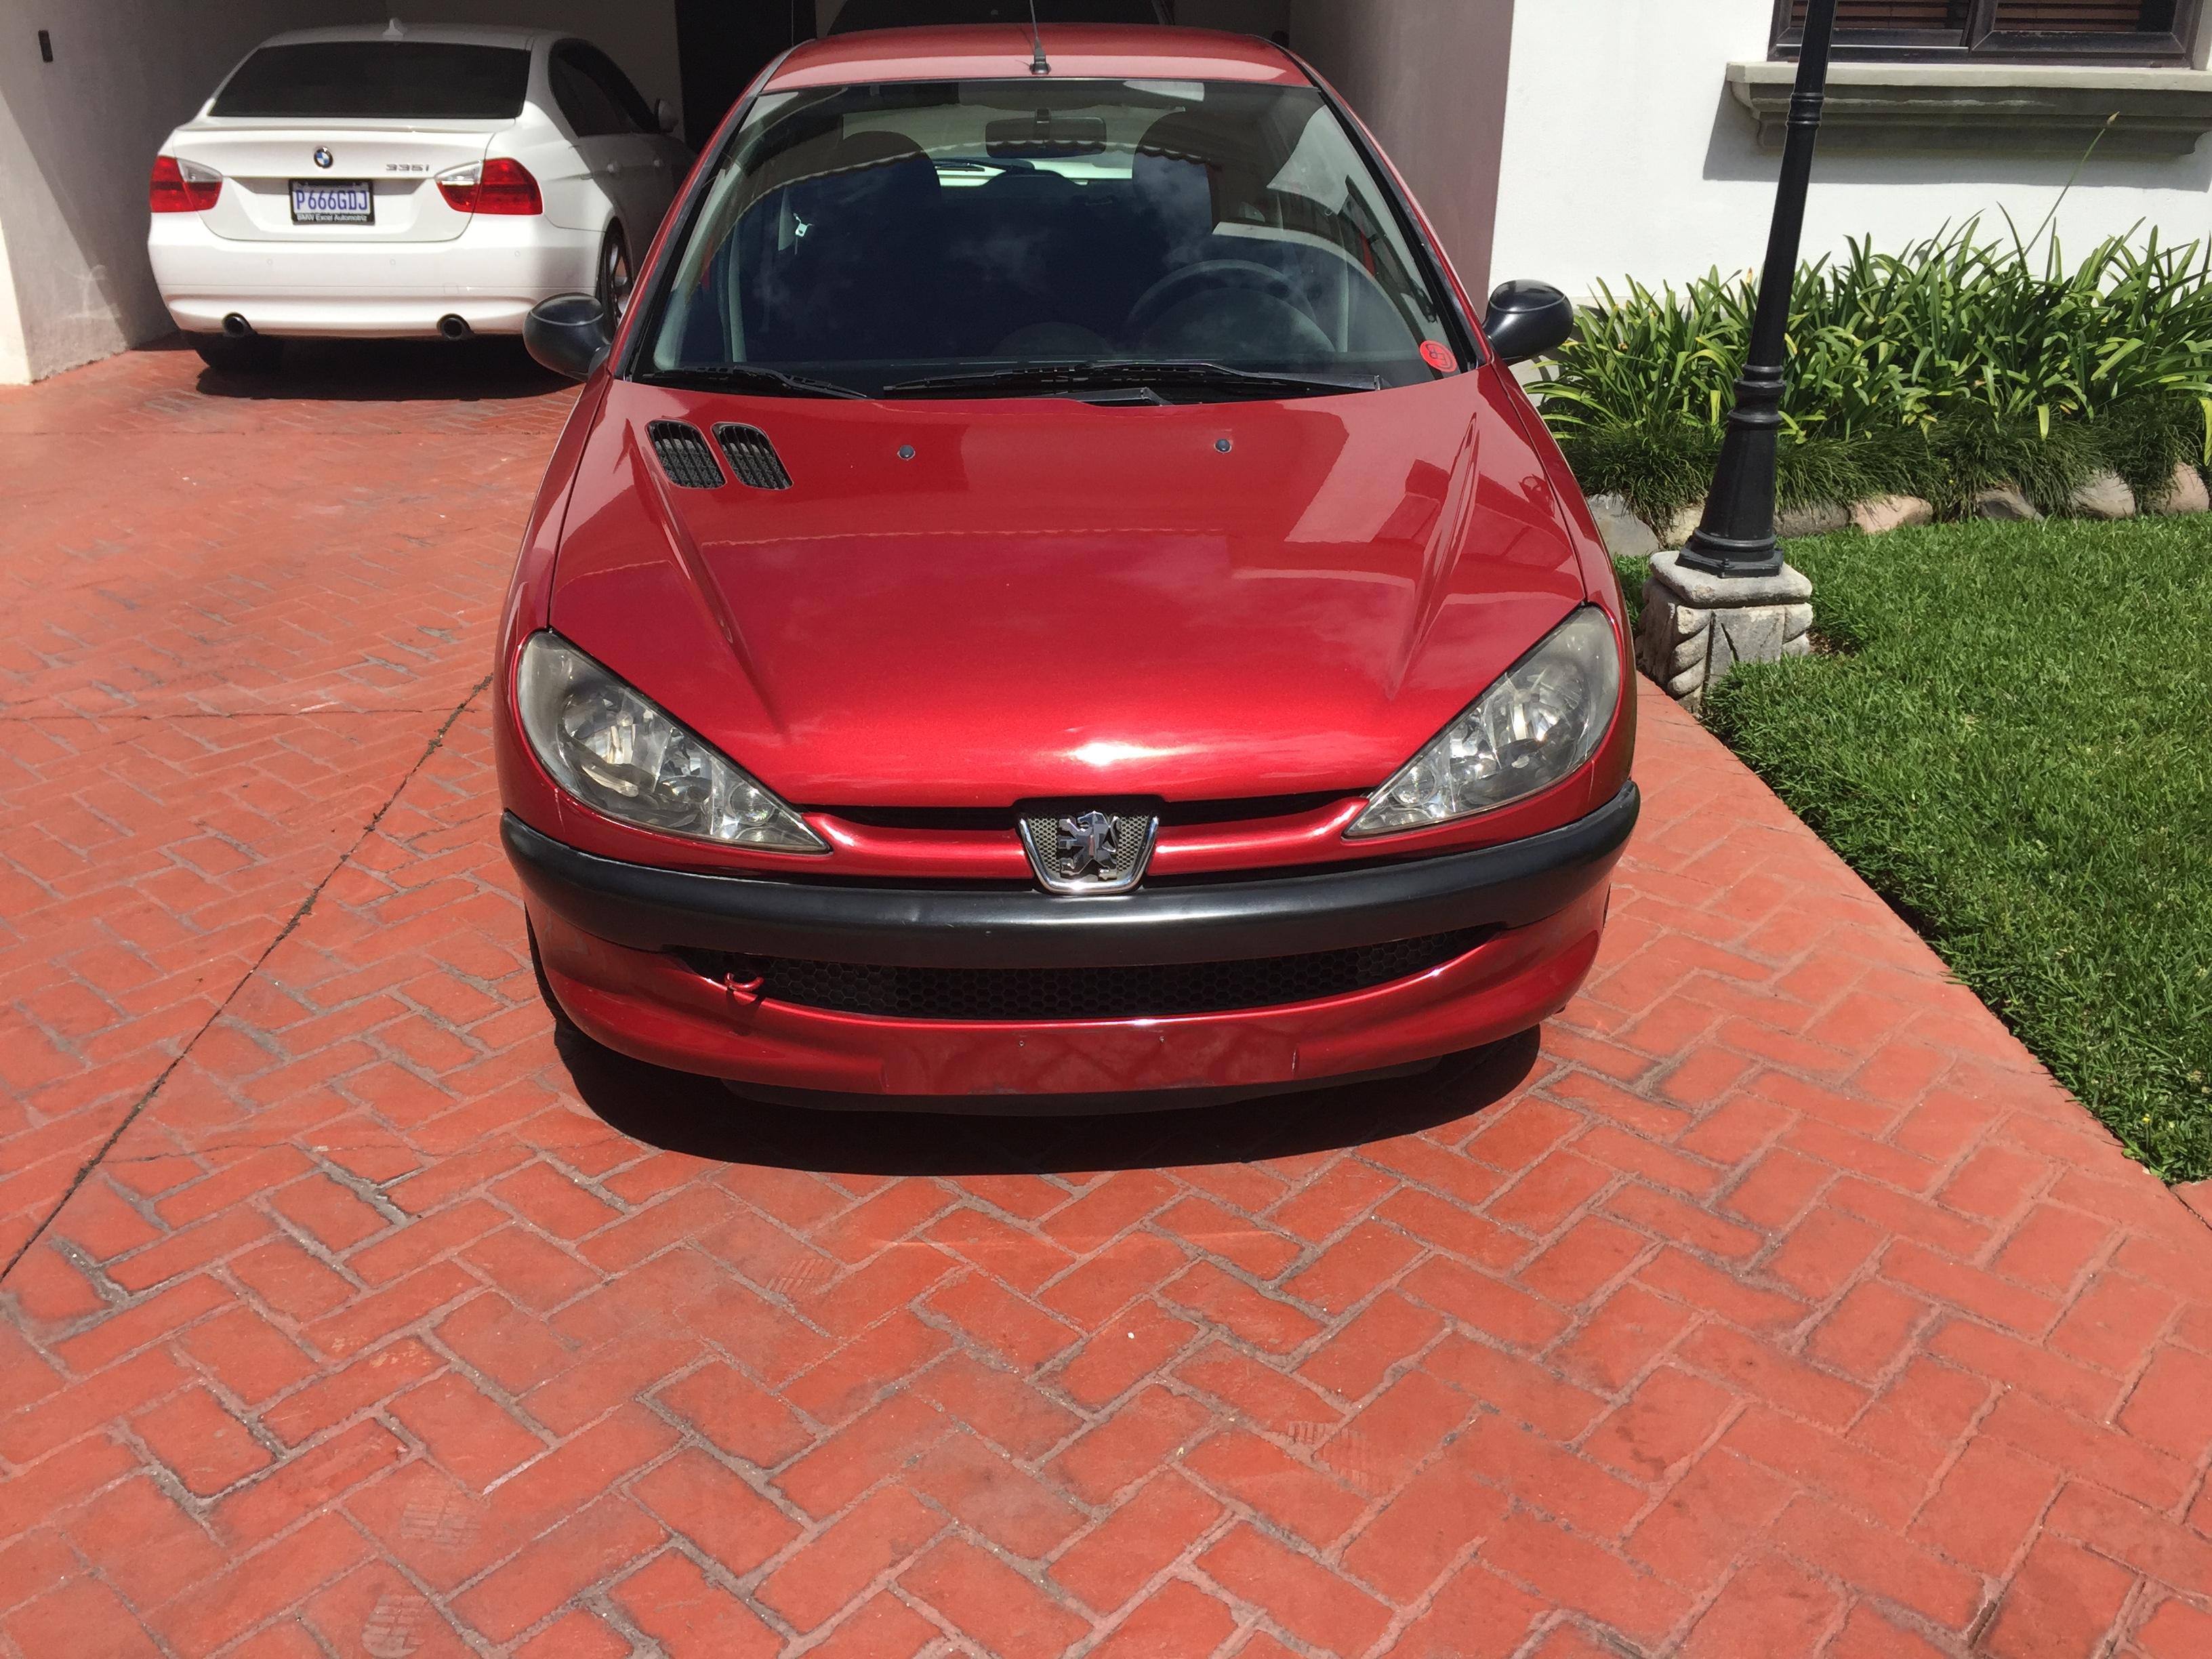 Usados: Peugeot 206 2004 en Guatemala, nunca chocado ...